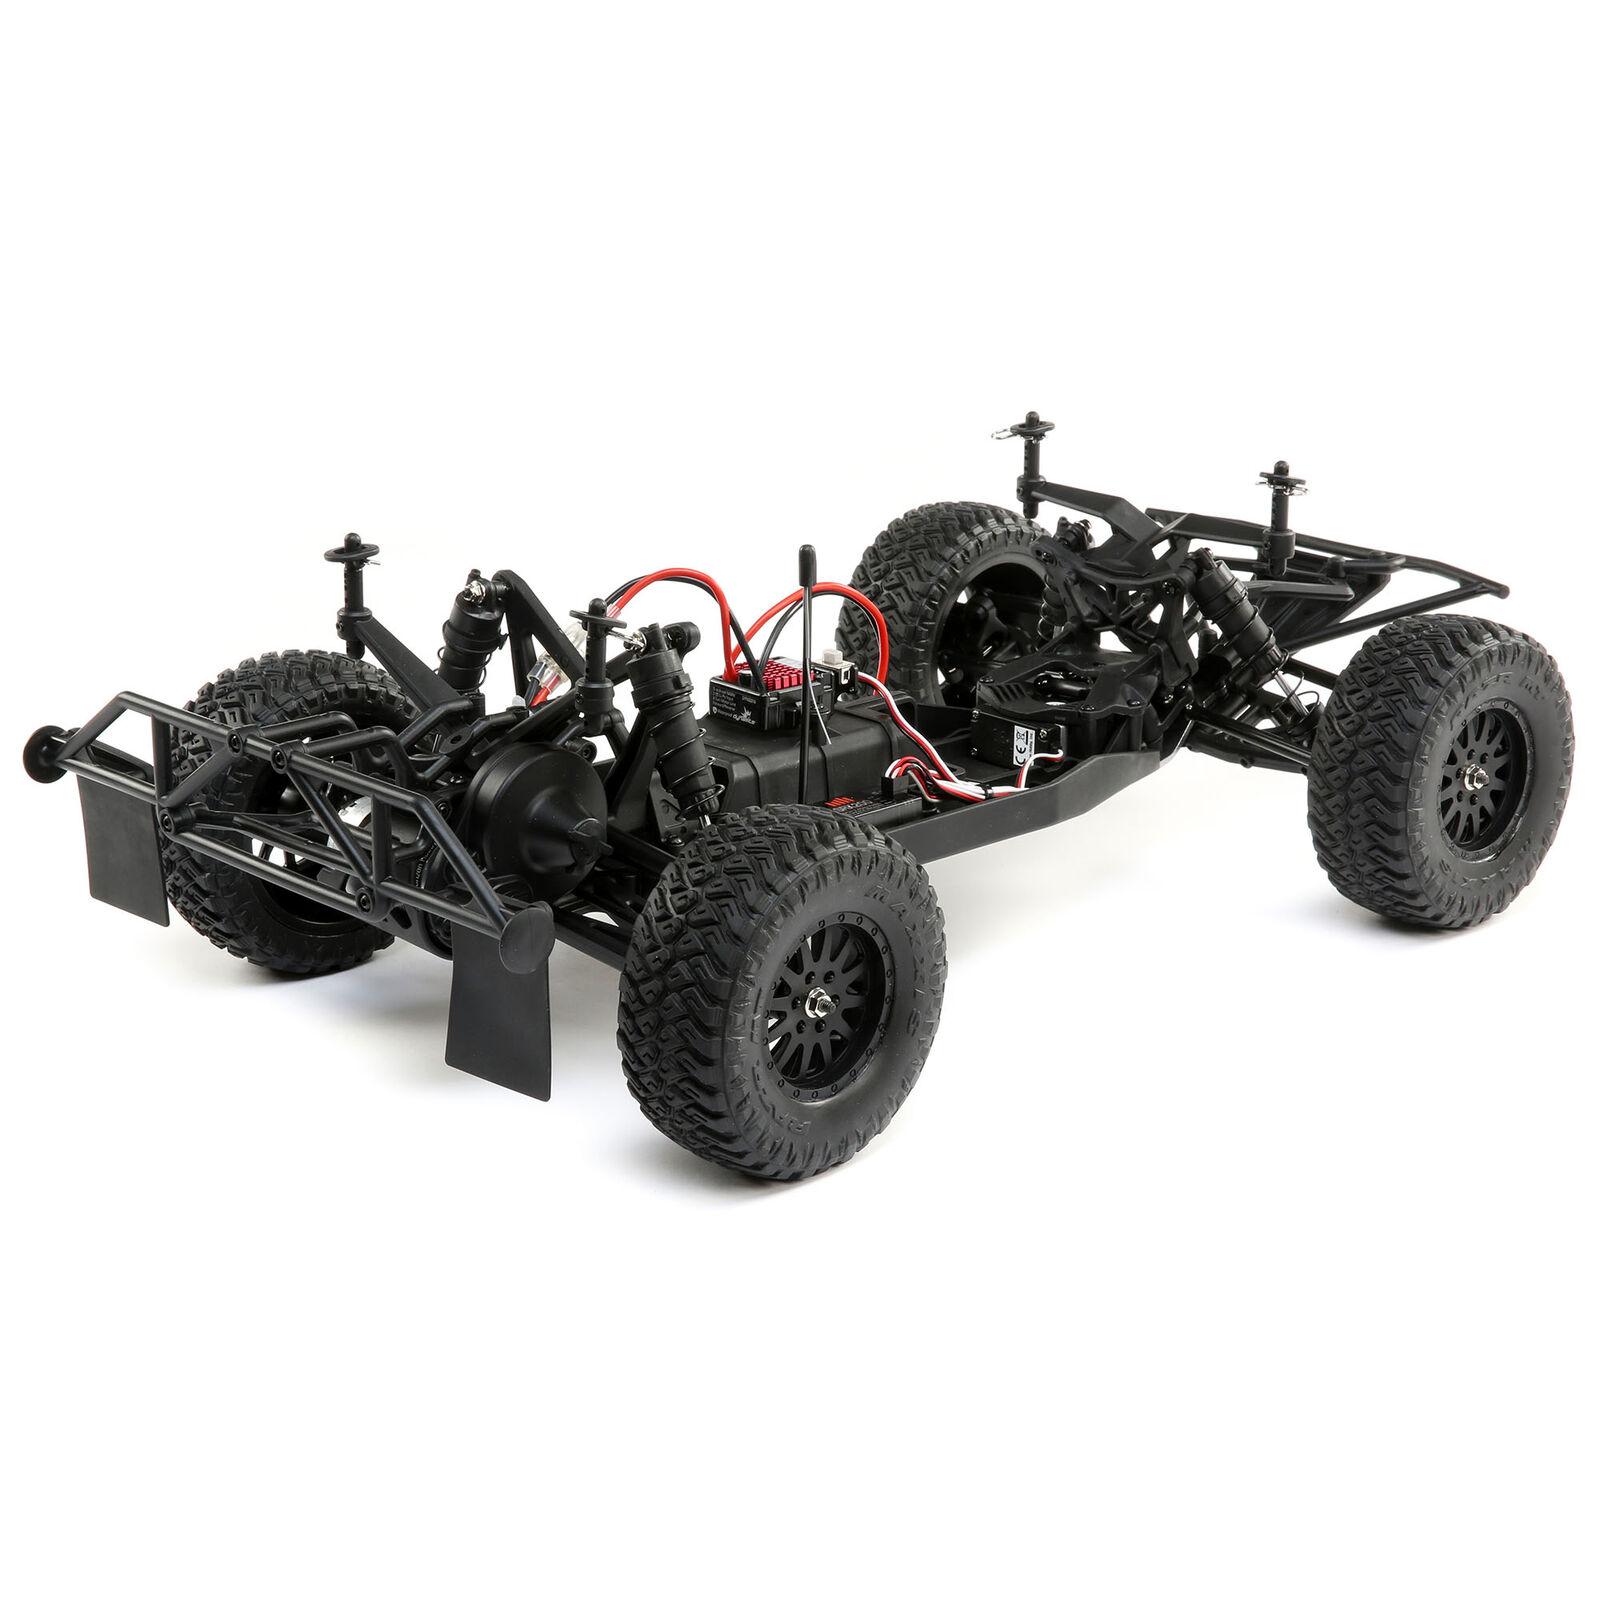 1/10 22S 2WD SCT Brushed RTR, MagnaFlow